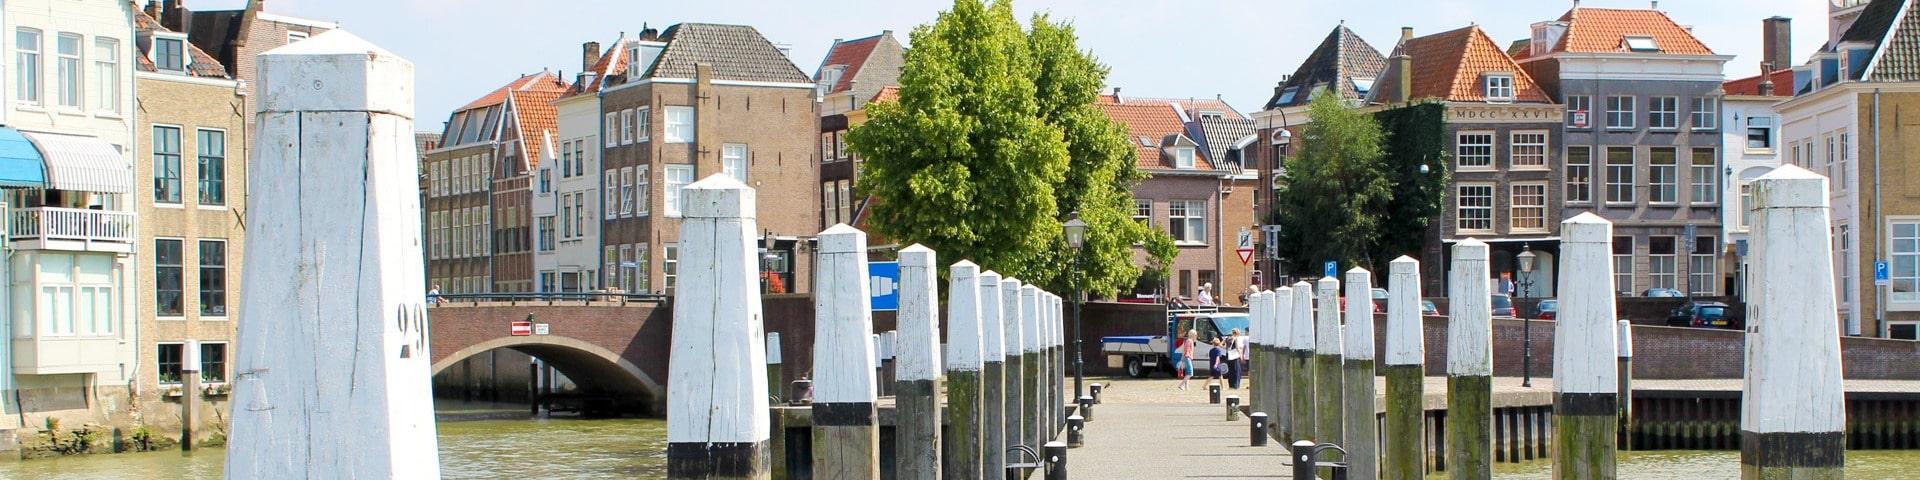 Dutch harbor in Dordrecht